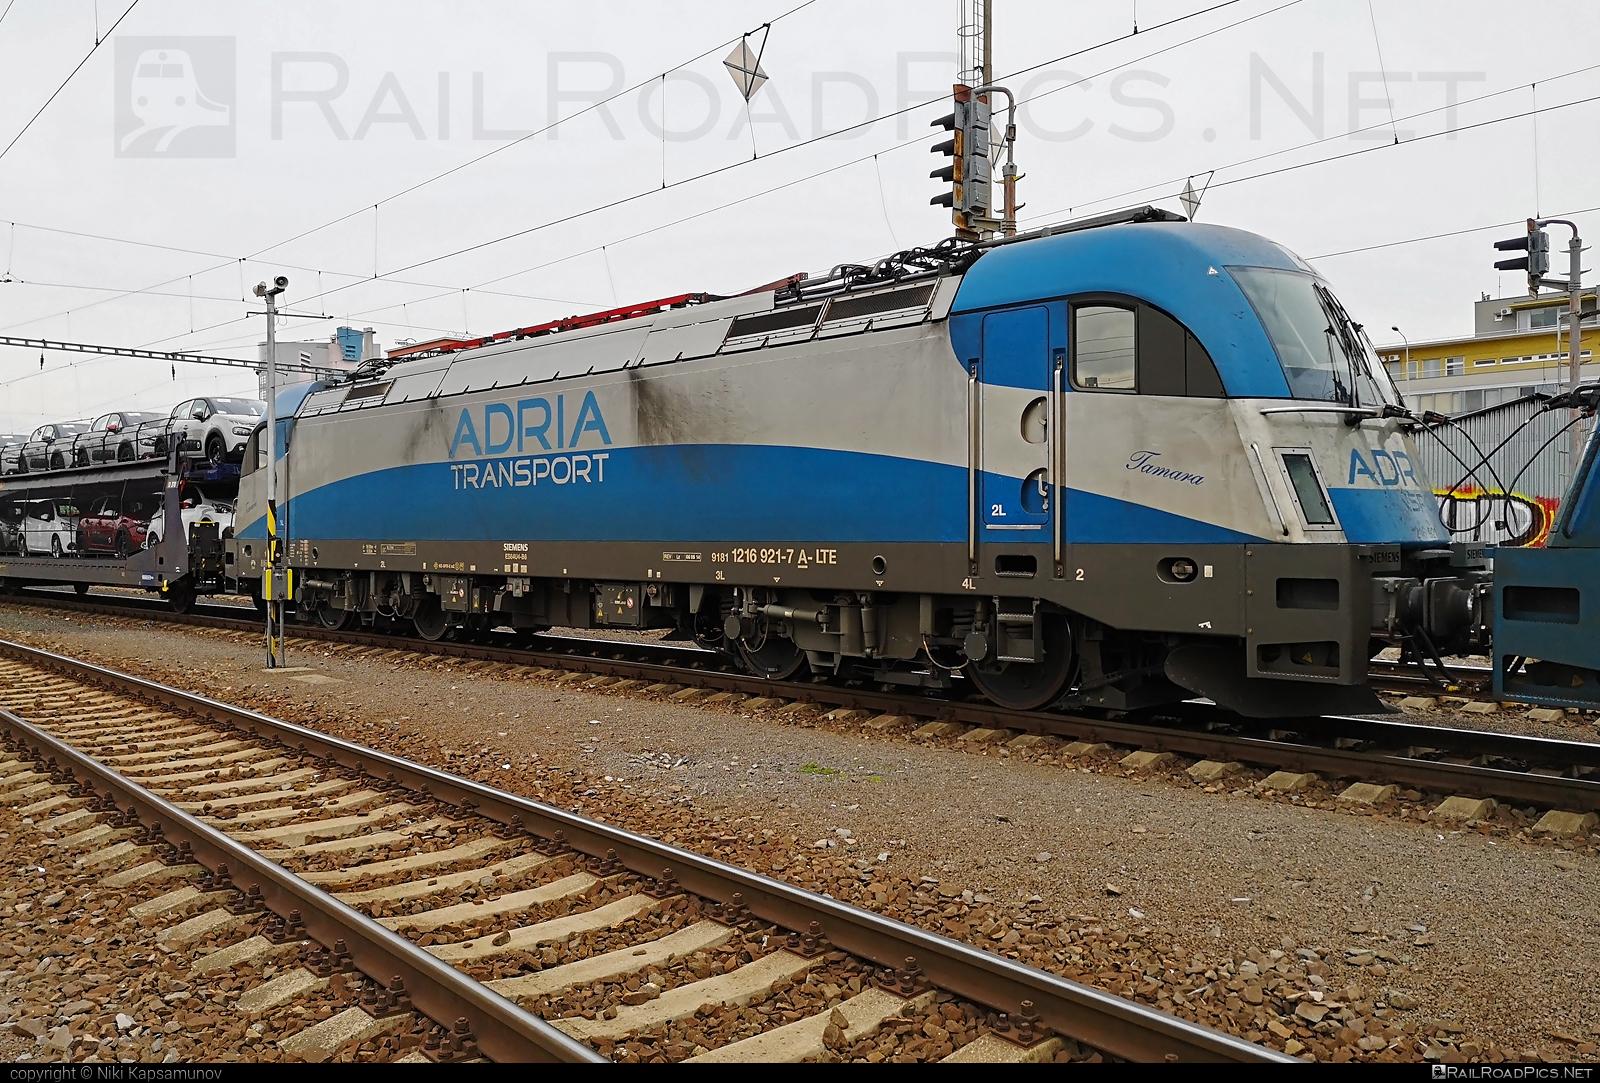 Siemens ES 64 U4 - 1216 921 operated by Adria Transport D.O.O. #adria #es64 #es64u #es64u4 #eurosprinter #gefco #lte #ltelogistikundtransport #ltelogistikundtransportgmbh #siemens #siemenses64 #siemenses64u #siemenses64u4 #siemenstaurus #taurus #tauruslocomotive